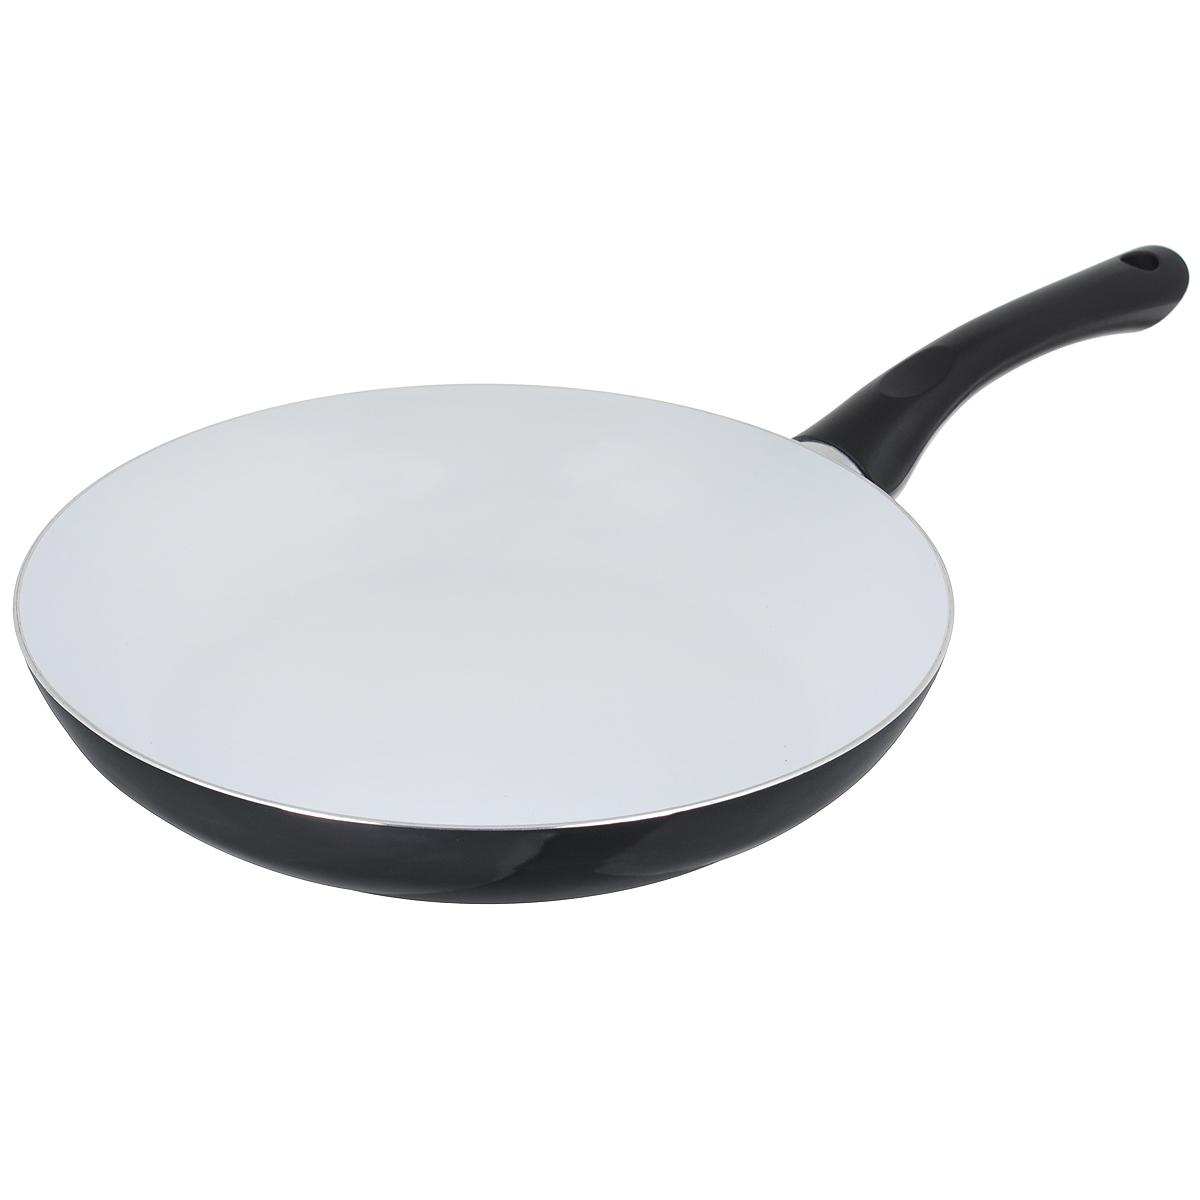 Сковорода Bekker, с керамическим покрытием, цвет: черный. Диаметр 28 см. BK-3704ВК-3704 черныйСковорода Bekker изготовлена из алюминия с внутренним керамическим покрытием. Благодаря этому пища не пригорает и не прилипает к стенкам. Готовить можно с минимальным количеством масла и жиров. Гладкая поверхность обеспечивает легкость ухода за посудой. Внешнее покрытие - цветной жаростойкий лак. Изделие оснащено удобной бакелитовой ручкой, которая не нагревается в процессе готовки.Сковорода подходит для использования на всех типах кухонных плит, кроме индукционных, а также ее можно мыть в посудомоечной машине. Высота стенки: 5 см.Толщина стенки: 2,5 мм.Толщина дна: 2,5 мм.Длина ручки: 18 см.Диаметр основания: 20 см.